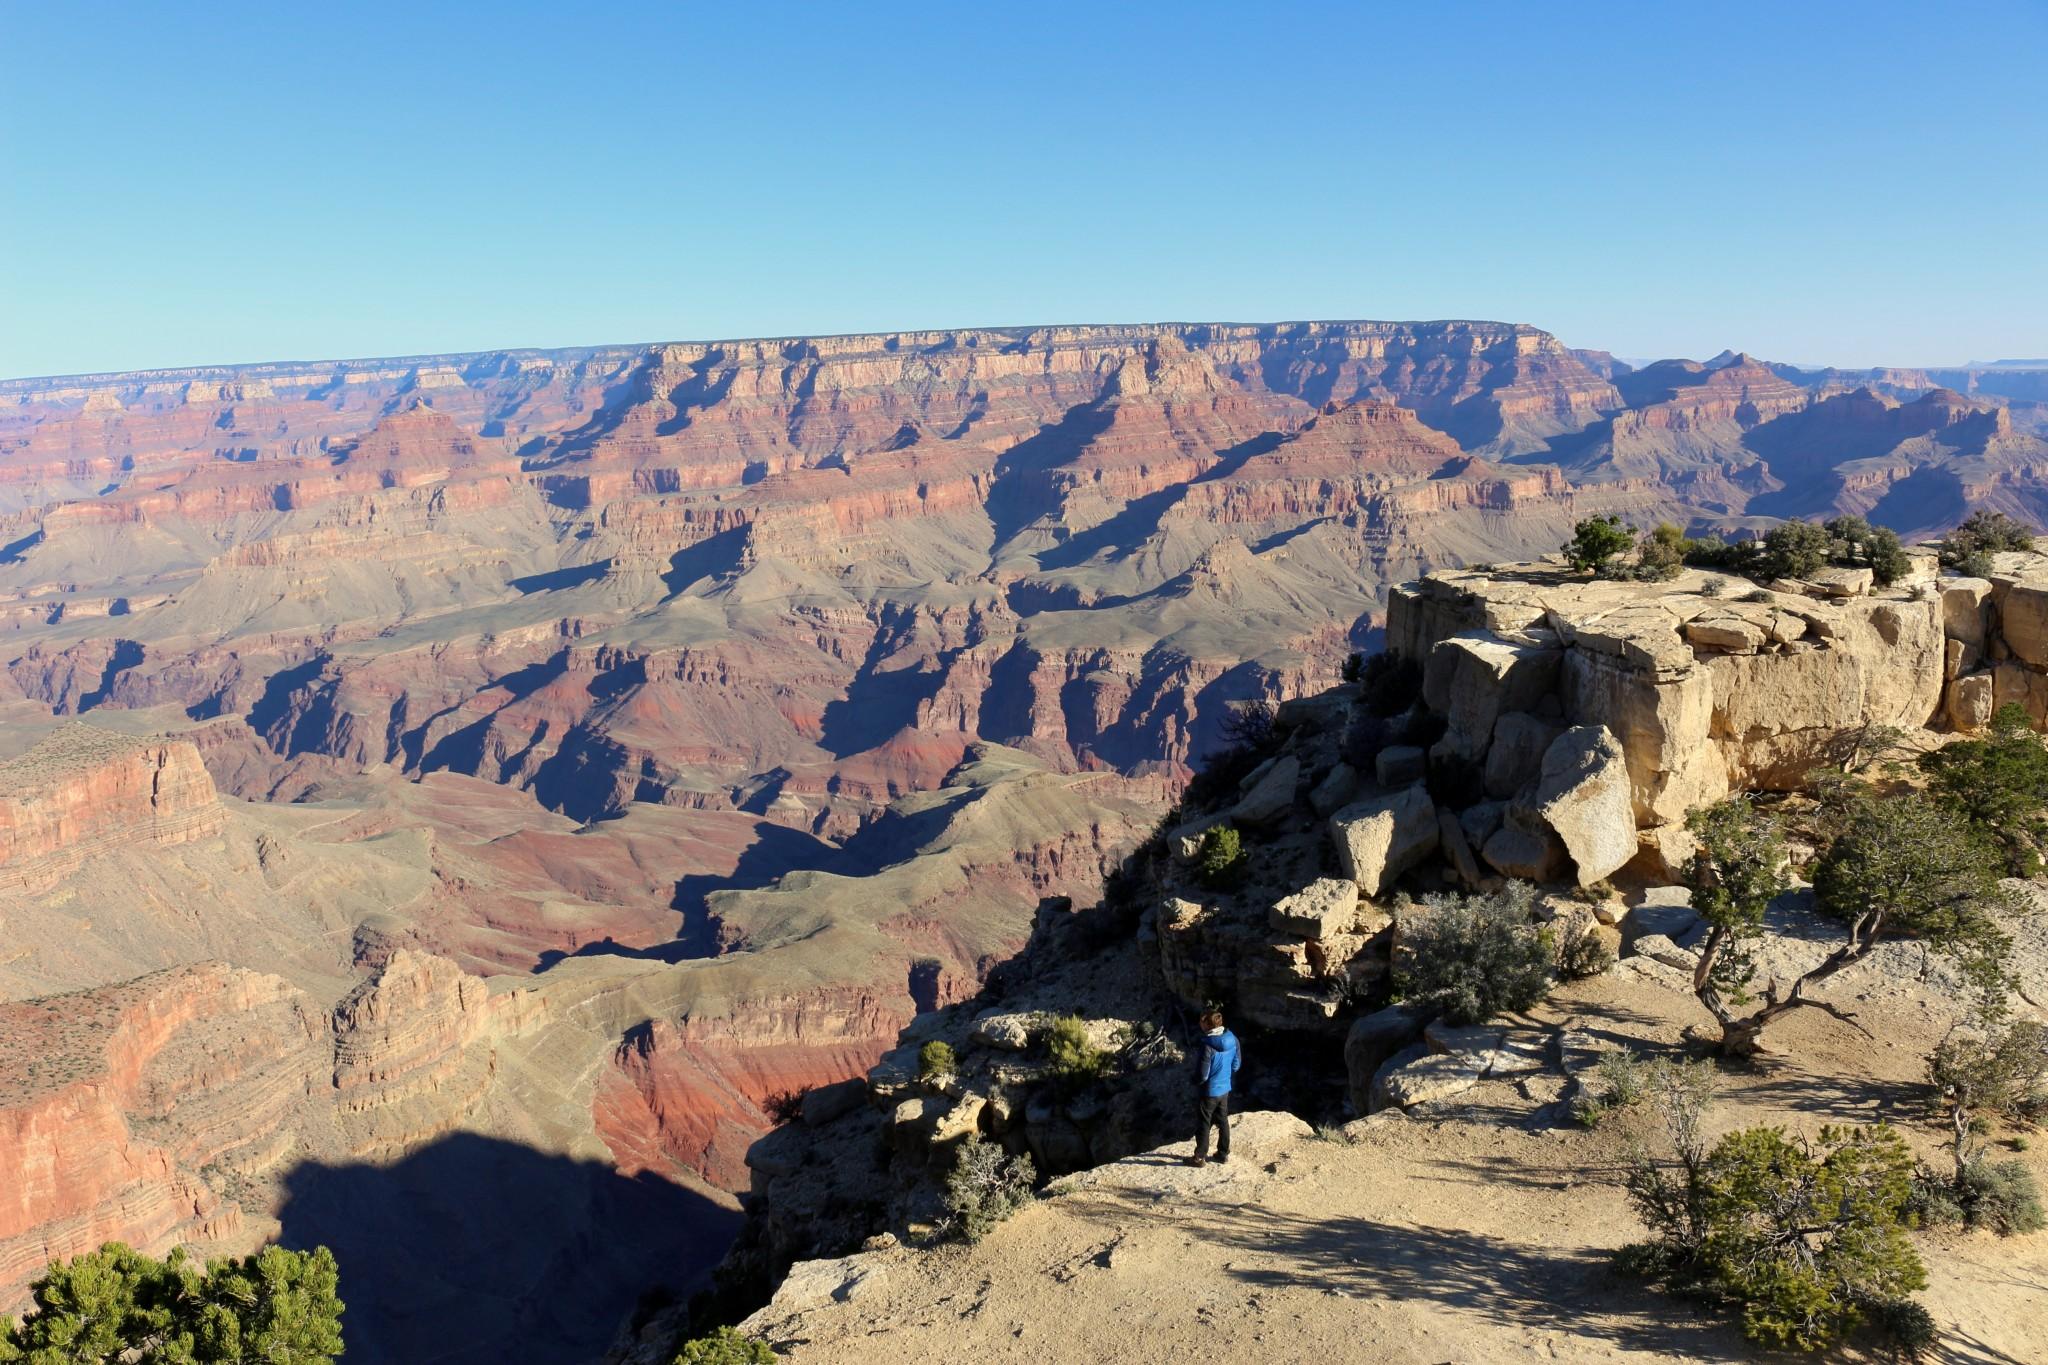 Comme une barrière naturelle, les dédales de Grand Canyon semblent préserver l'endroit de toute trace du passage de l'homme sur terre.